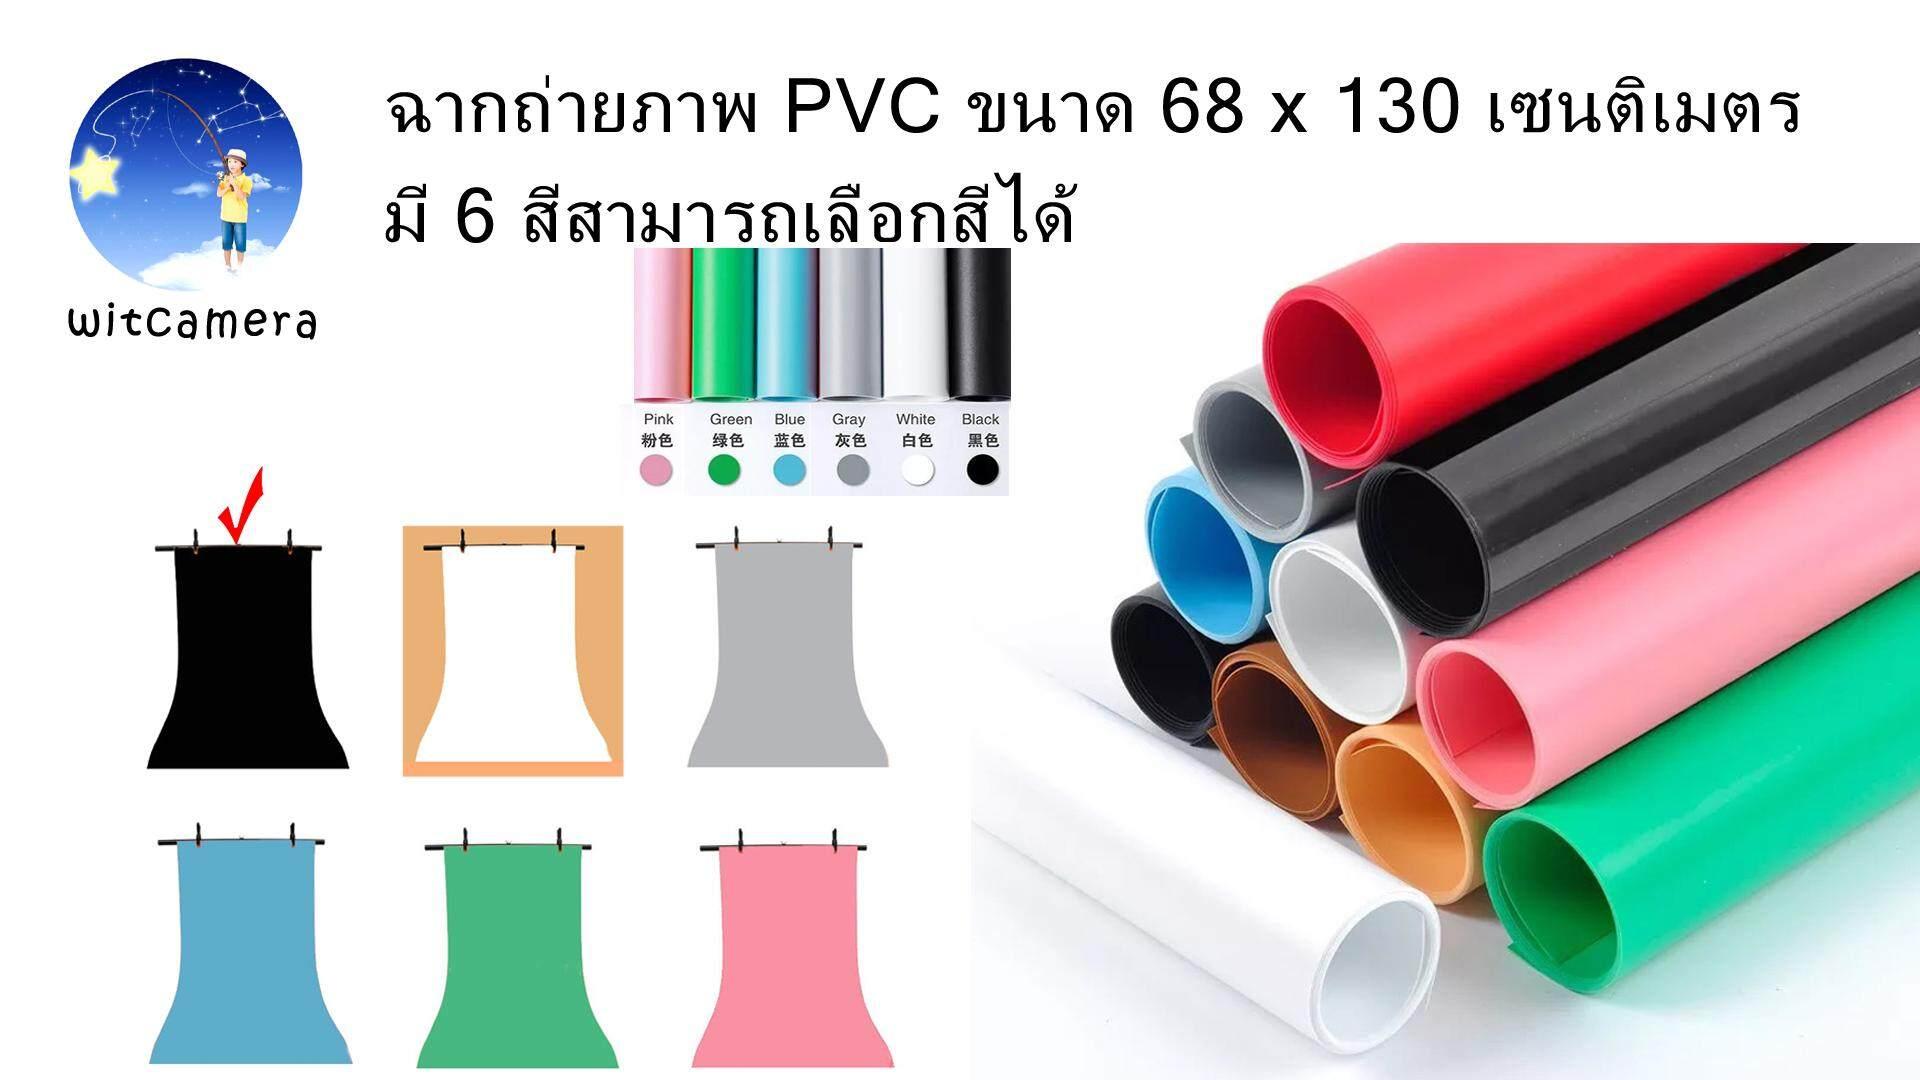 ฉากถ่ายภาพ Pvc ขนาด 68 X 130 เซนติเมตร มี 6 สีสามารถเลือกสีได้ Pvc Photo Studio Backdrop 68x130cm Have 6 Colors For Choose.